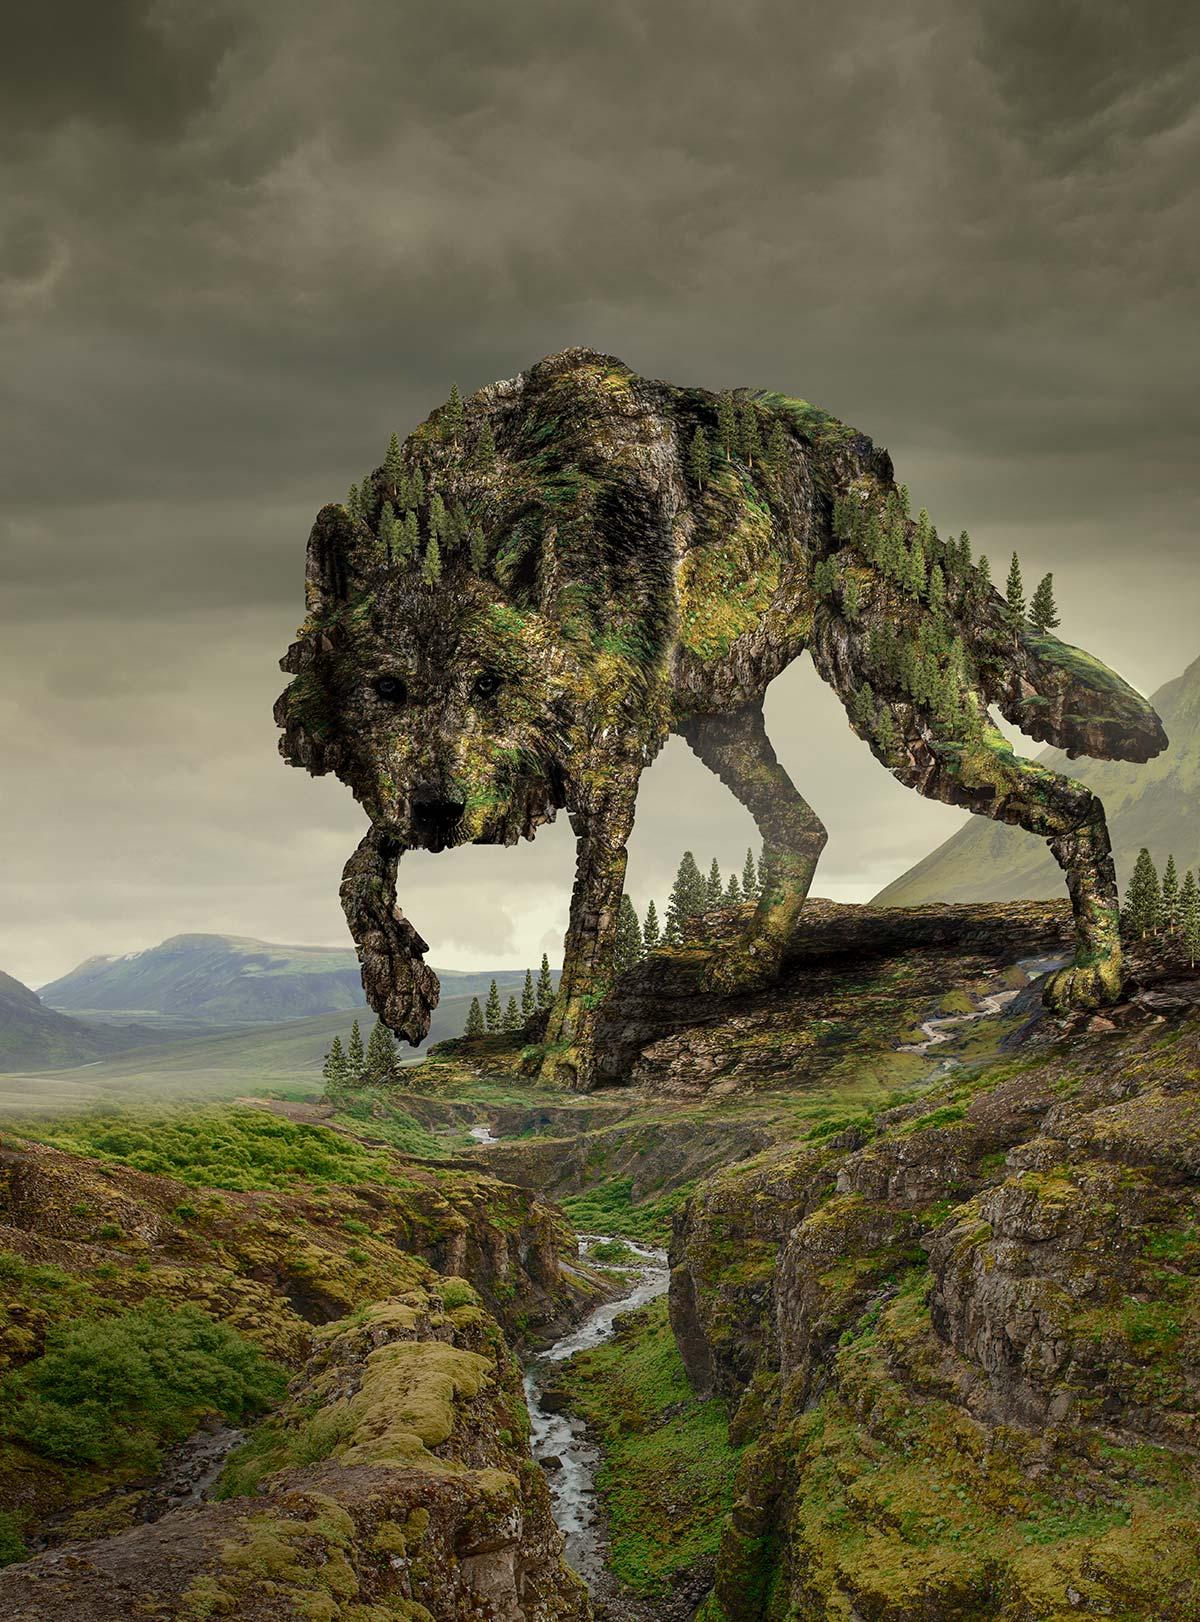 wilk-gigant zilustrowany za pomocą skał i lasu kroczący po skalistych, zalesionych wzgórzach